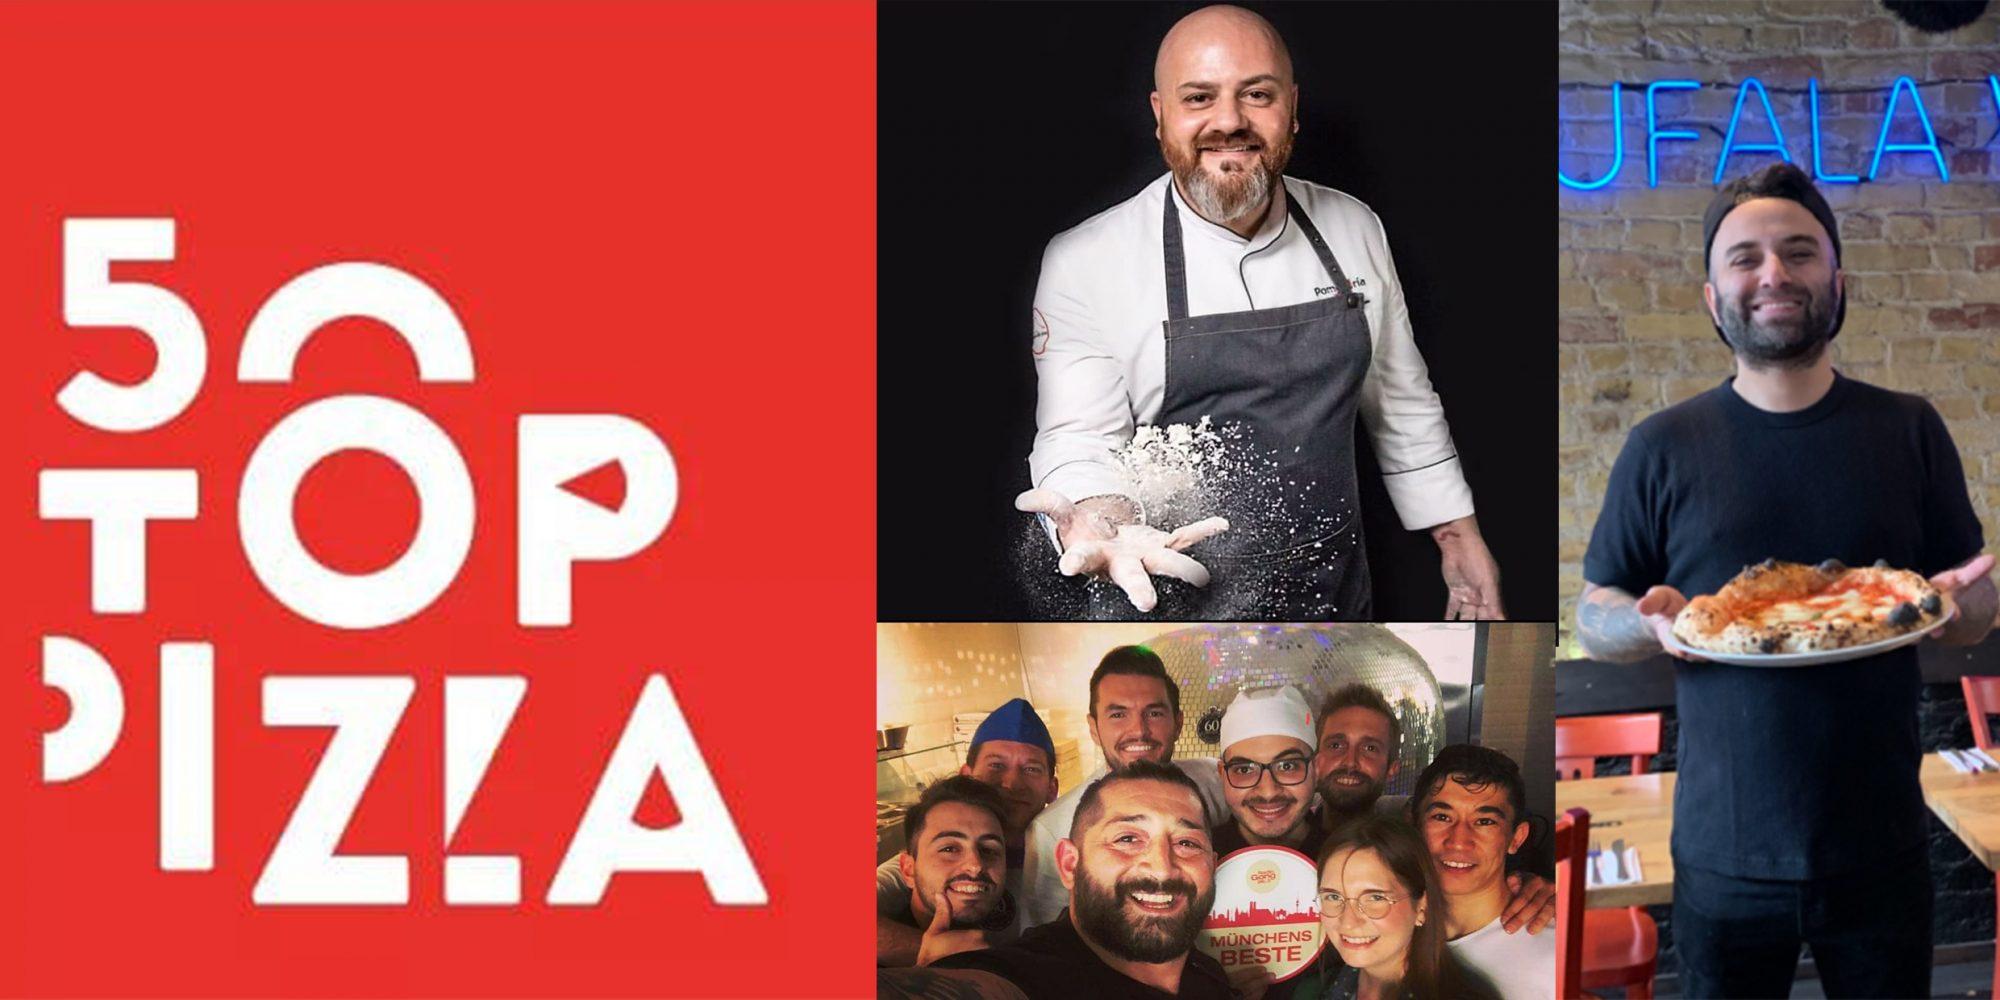 Drei Pizzerien aus Deutschland schaffen es unter die besten 50 Europas